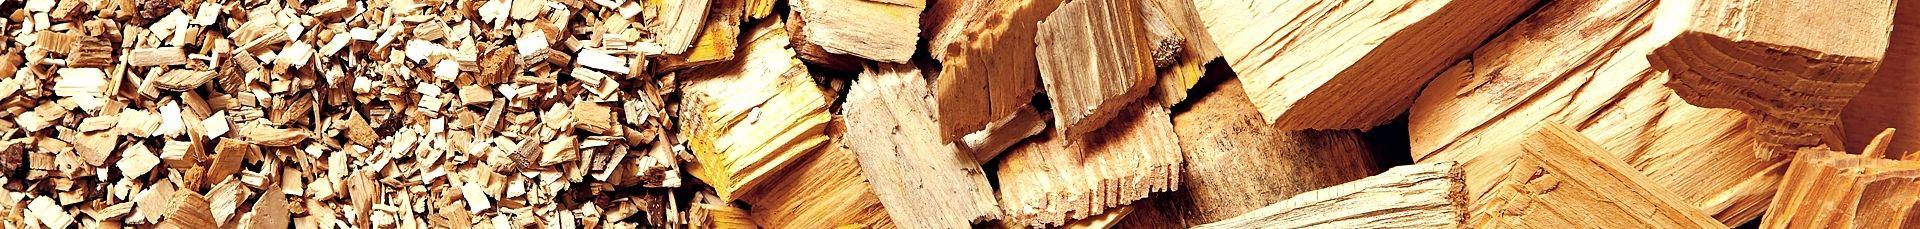 drewno rozdrobnione